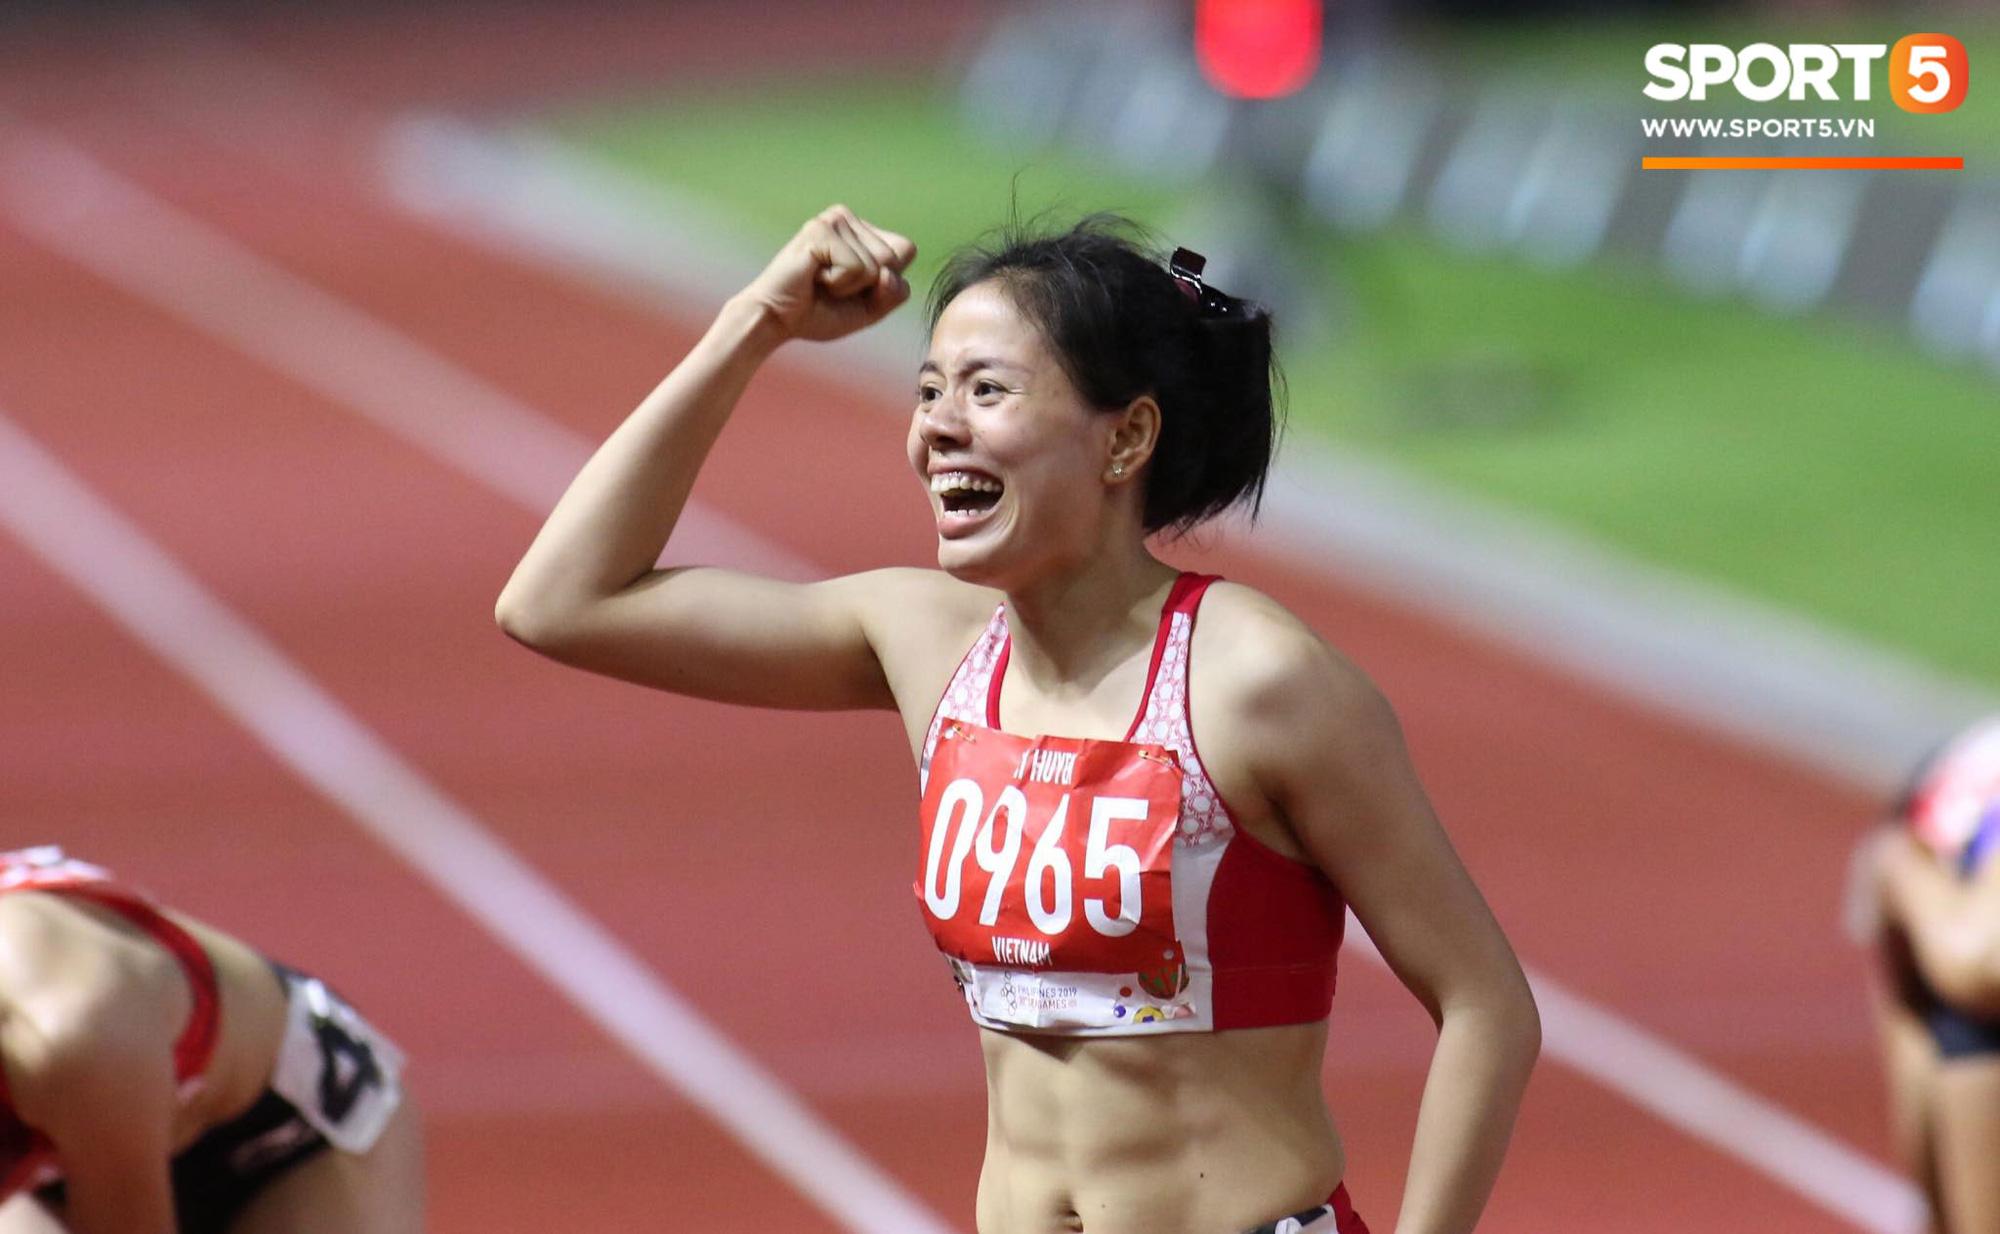 SEA Games ngày 8/12: Nữ hoàng điền kinh Tú Chinh vượt 2 VĐV nhập tịch trong tích tắc, xuất sắc giành HCV chung cuộc - Ảnh 8.